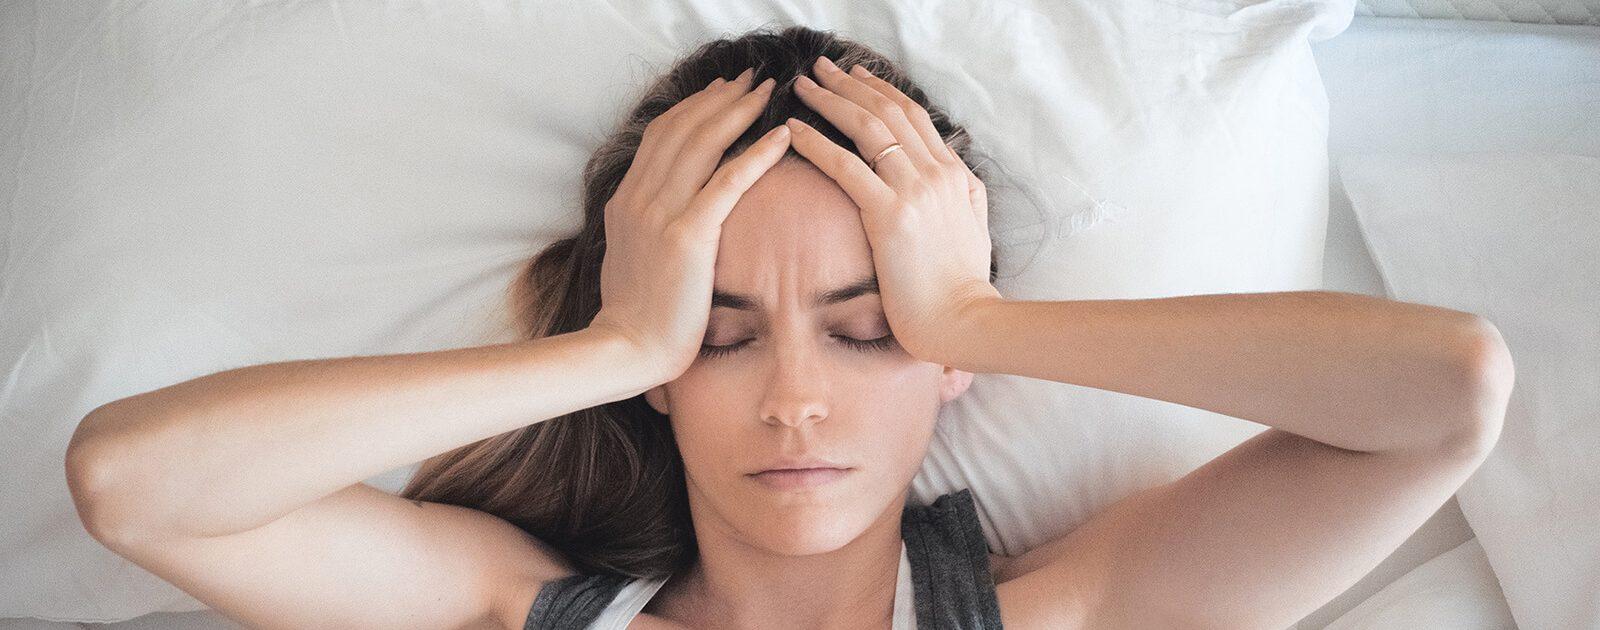 Frau liegt im Bett: Sie leidet an einer Stirnhöhlenentzündung.